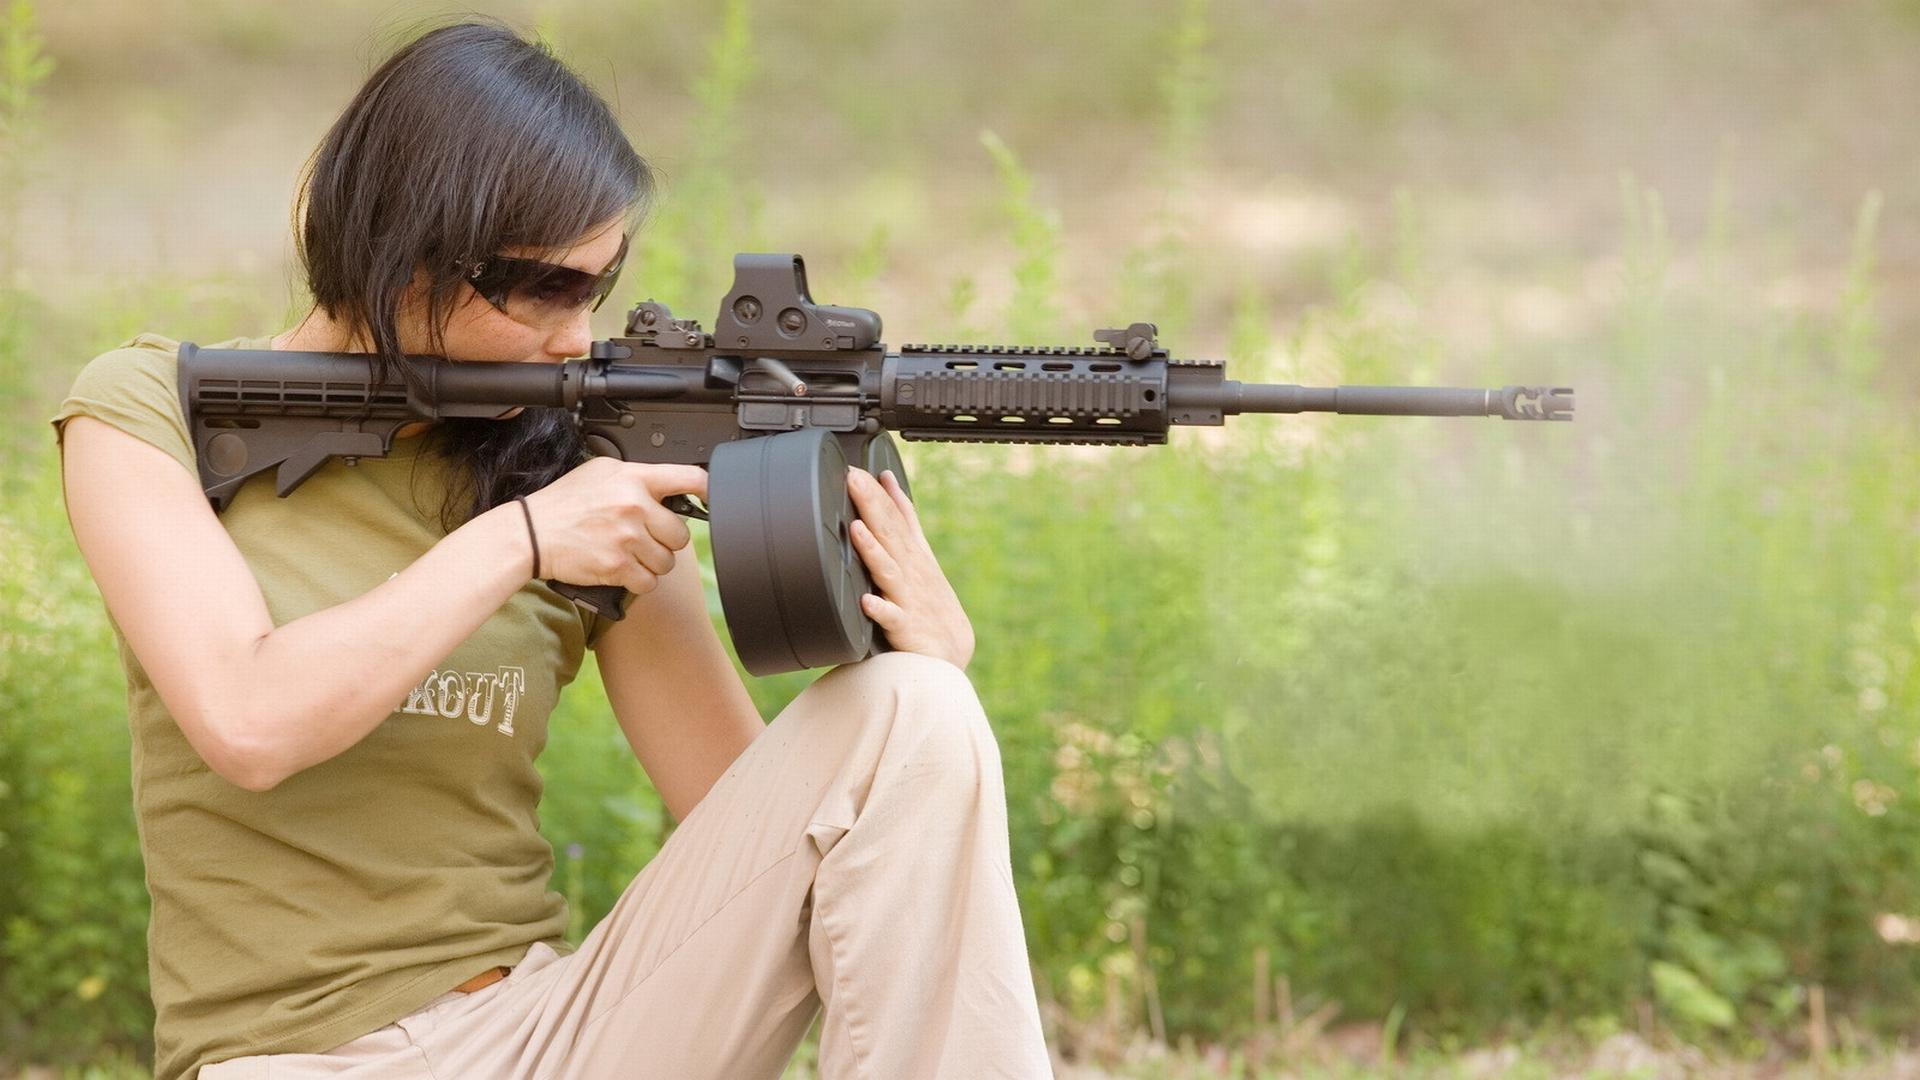 рисунок девушка собака оружие загрузить